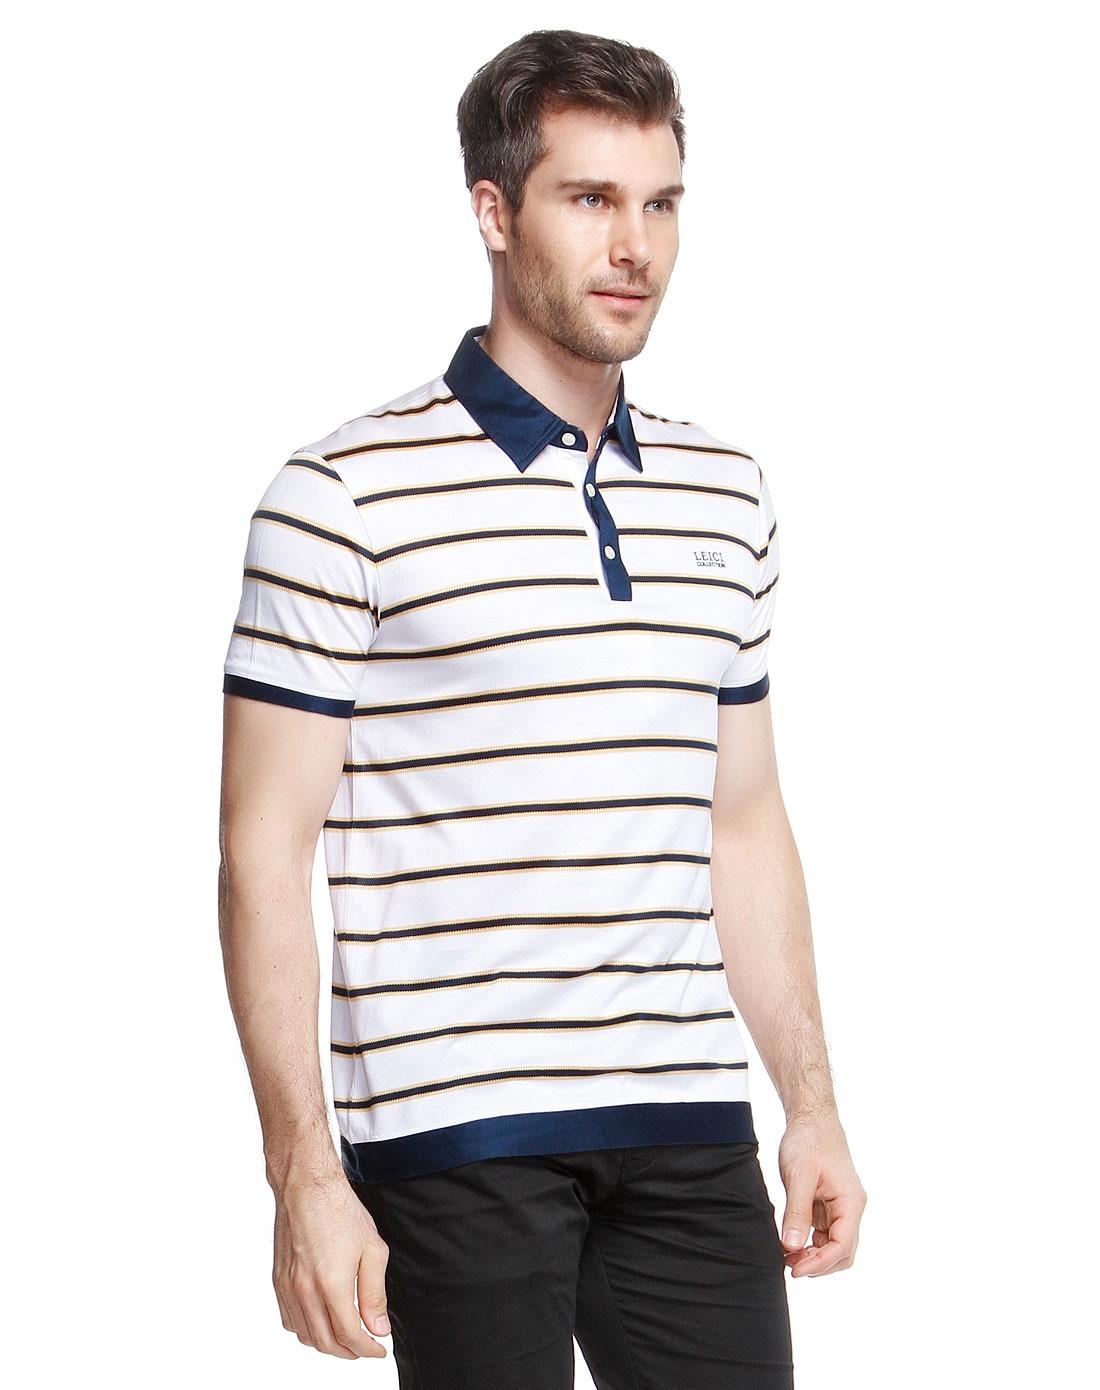 白/黄色半开襟条纹简约短袖t恤图片